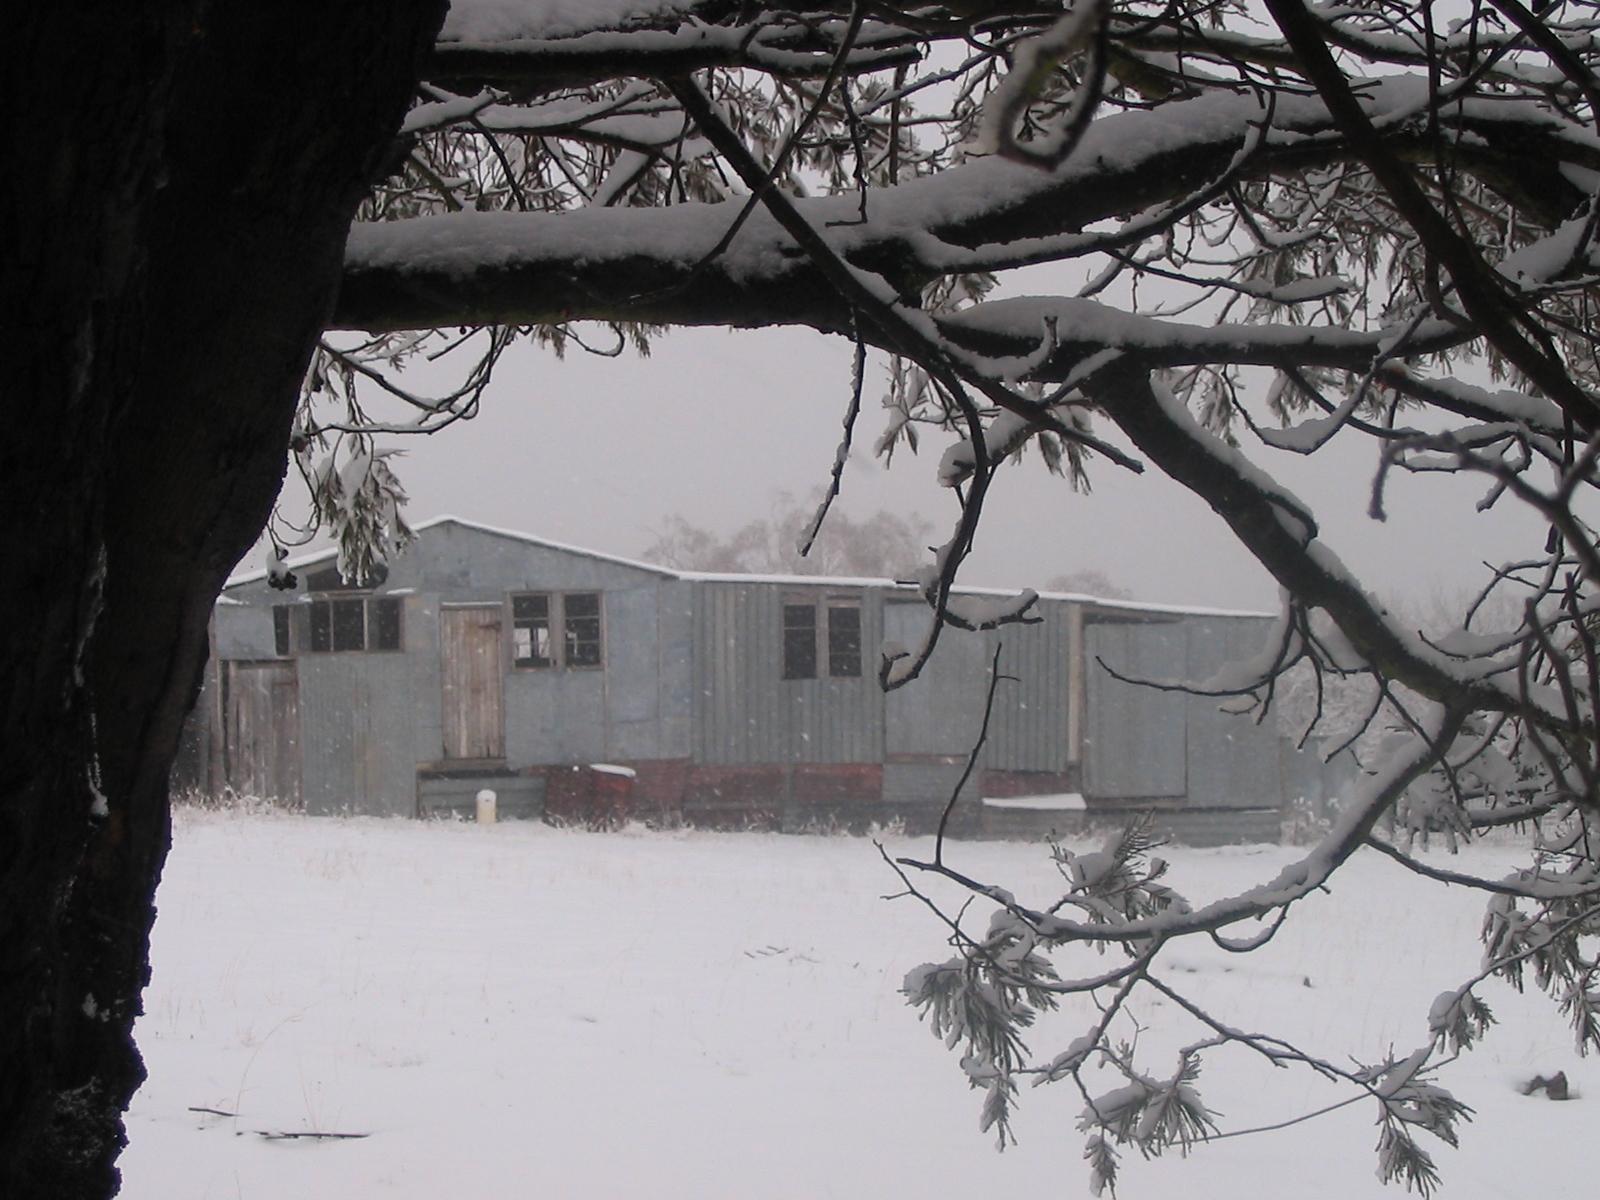 woolshed in snow.jpg